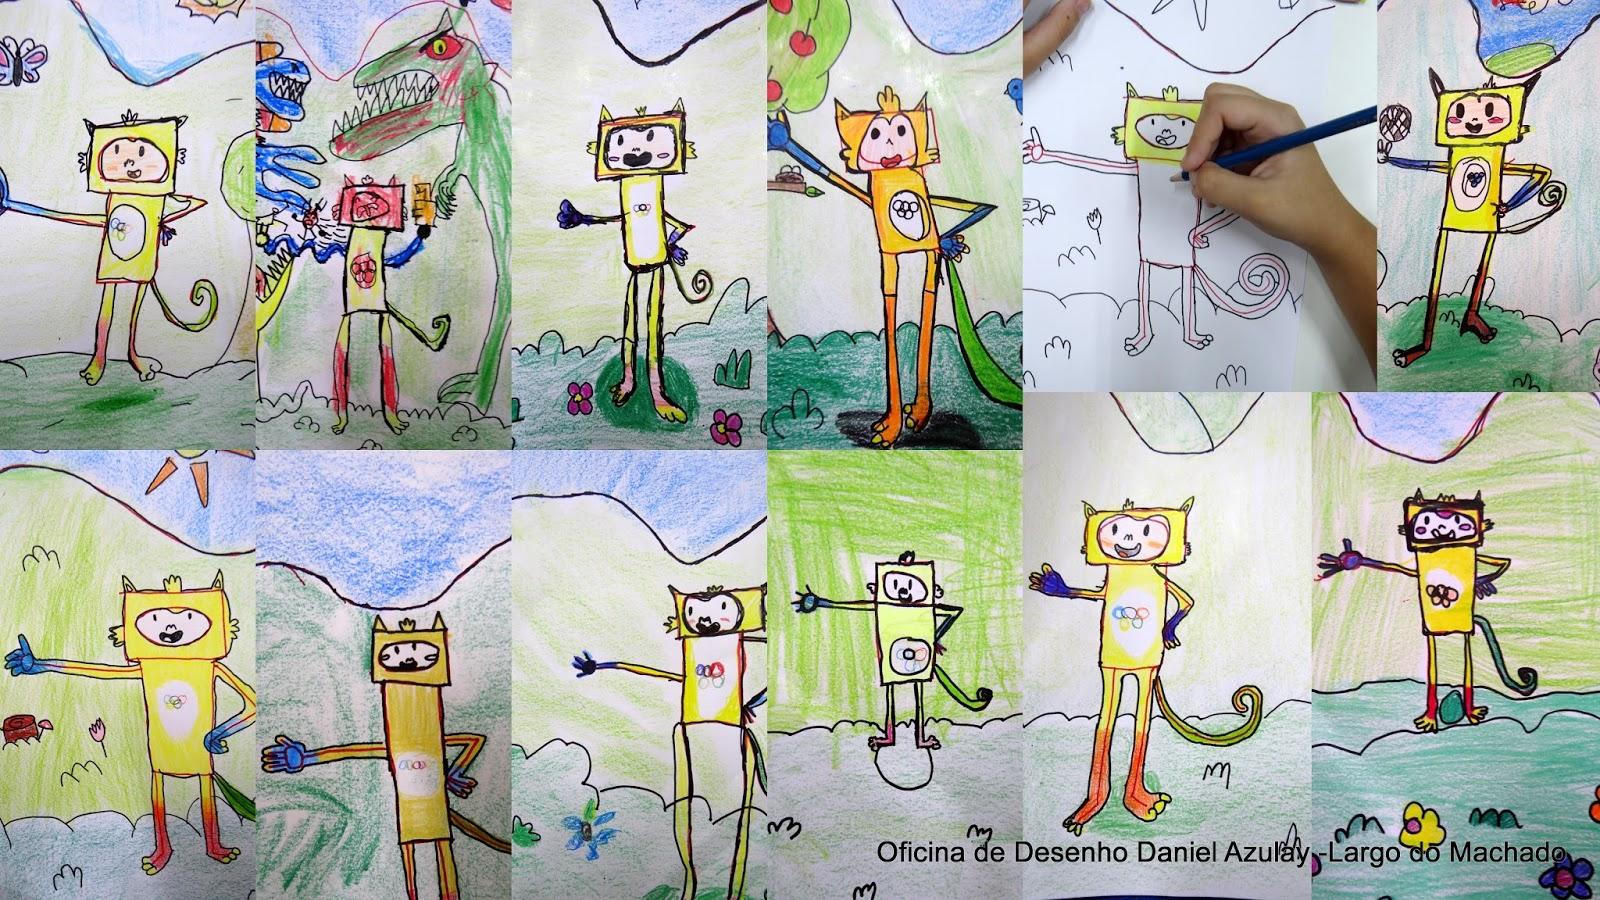 Favoritos Curso de desenho, Curso de desenho para Crianças,Mangá,Desenho  YZ01